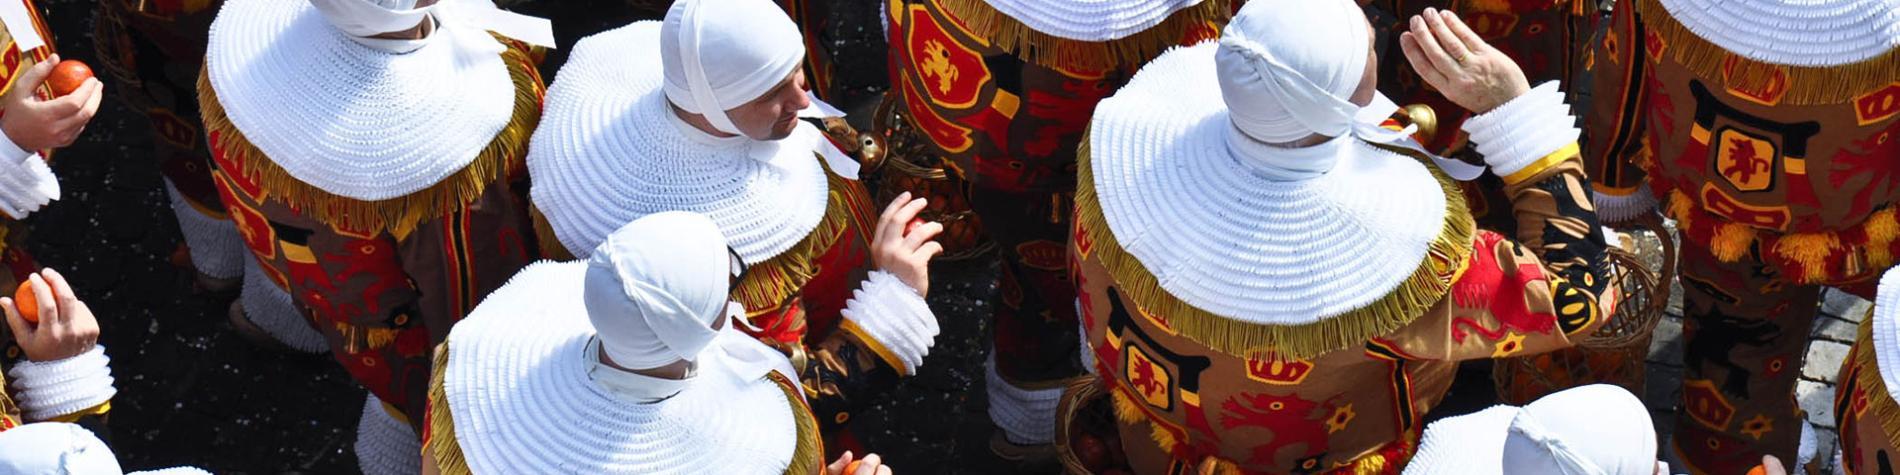 Letaere - La Louvière - carnaval